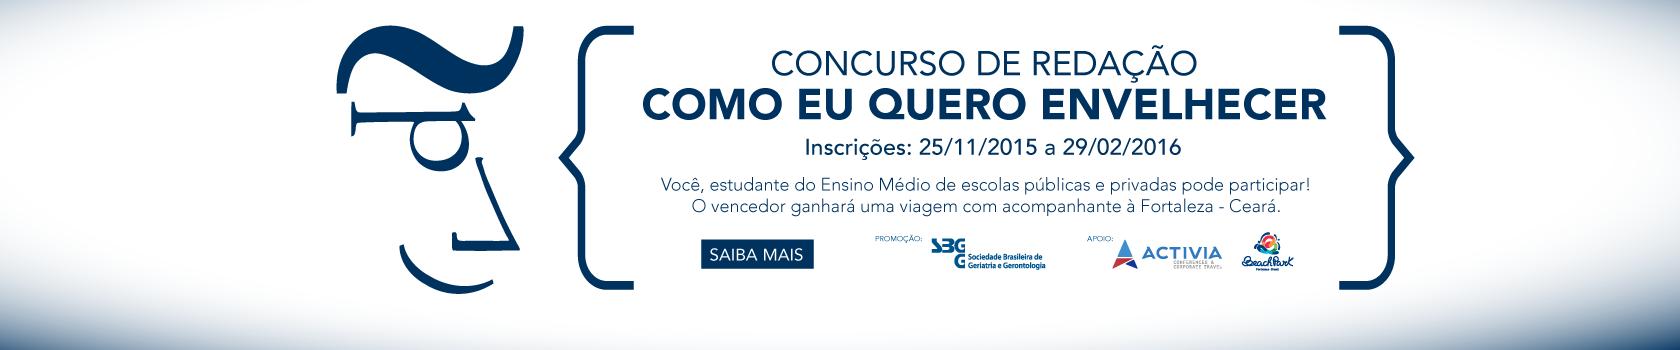 Concurso-de-Redacao-SBGG_FullBanner-ALTERADO